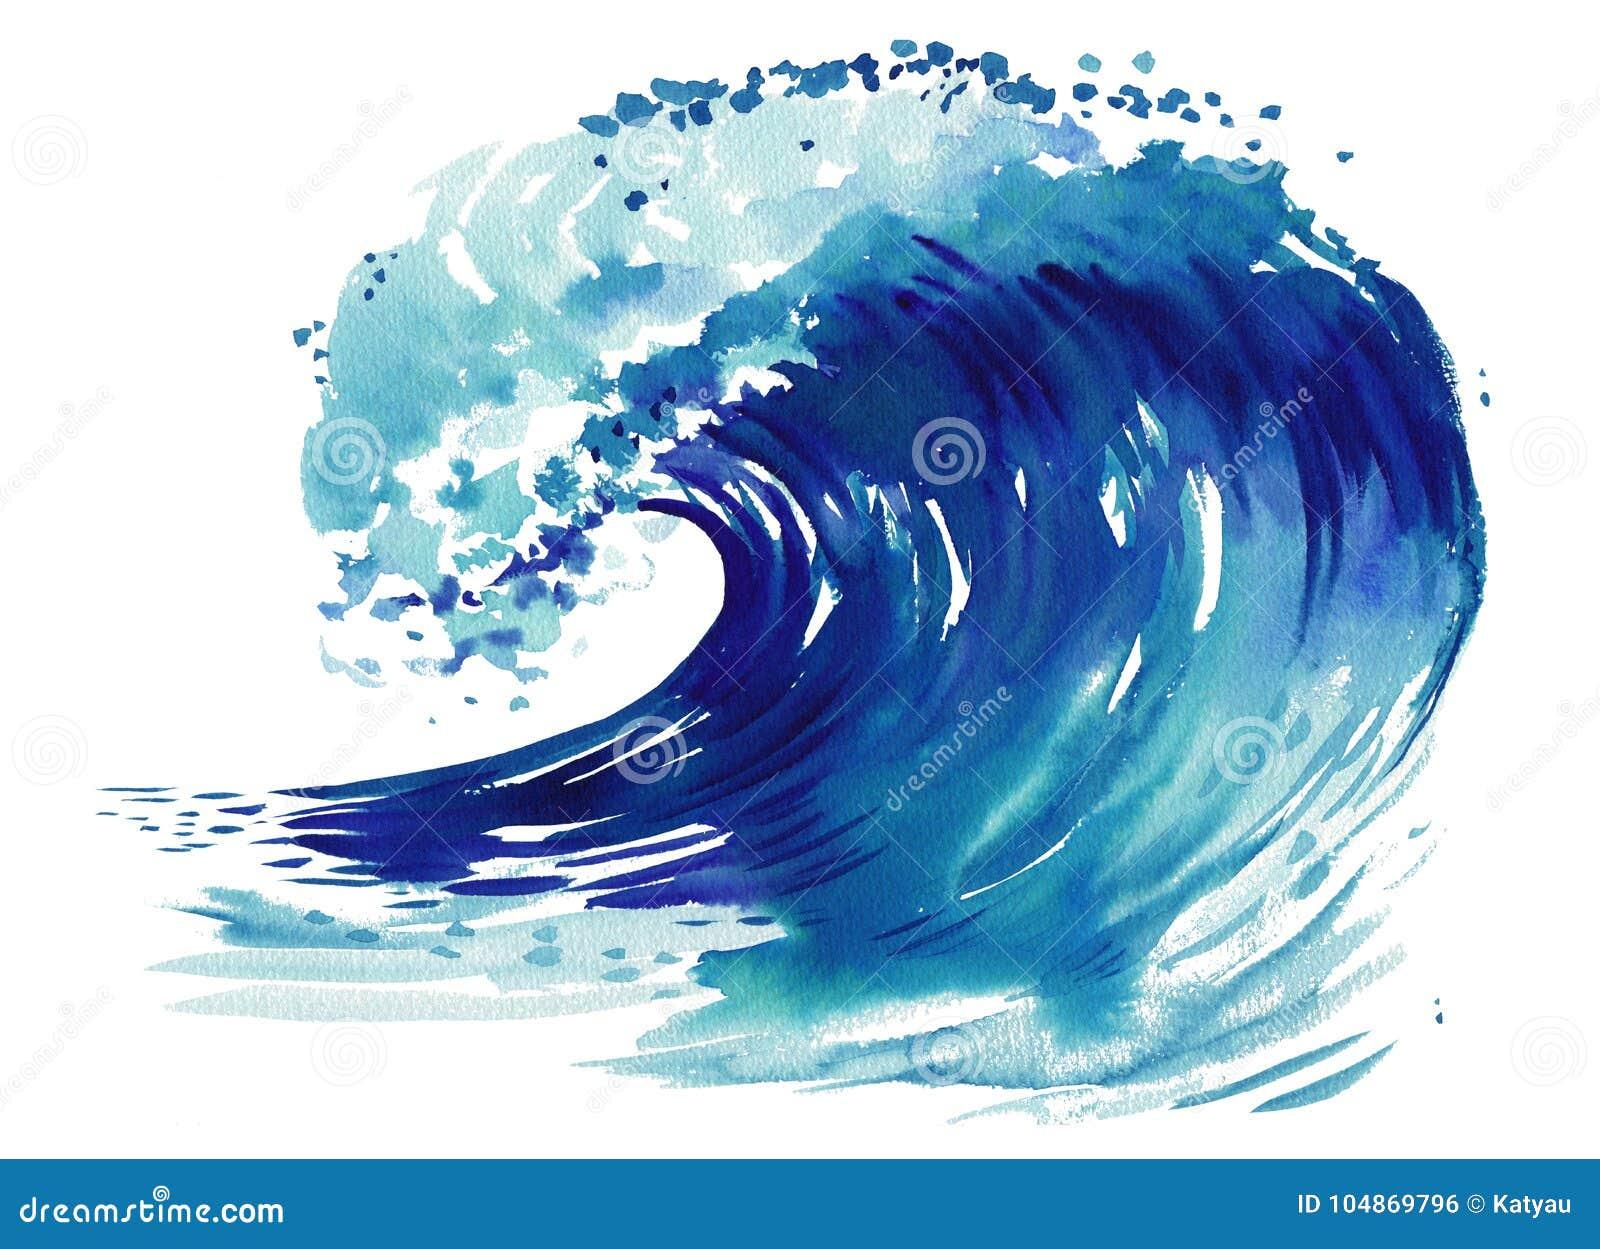 Onda del mar Ejemplo dibujado mano abstracta de la acuarela, aislado en el fondo blanco